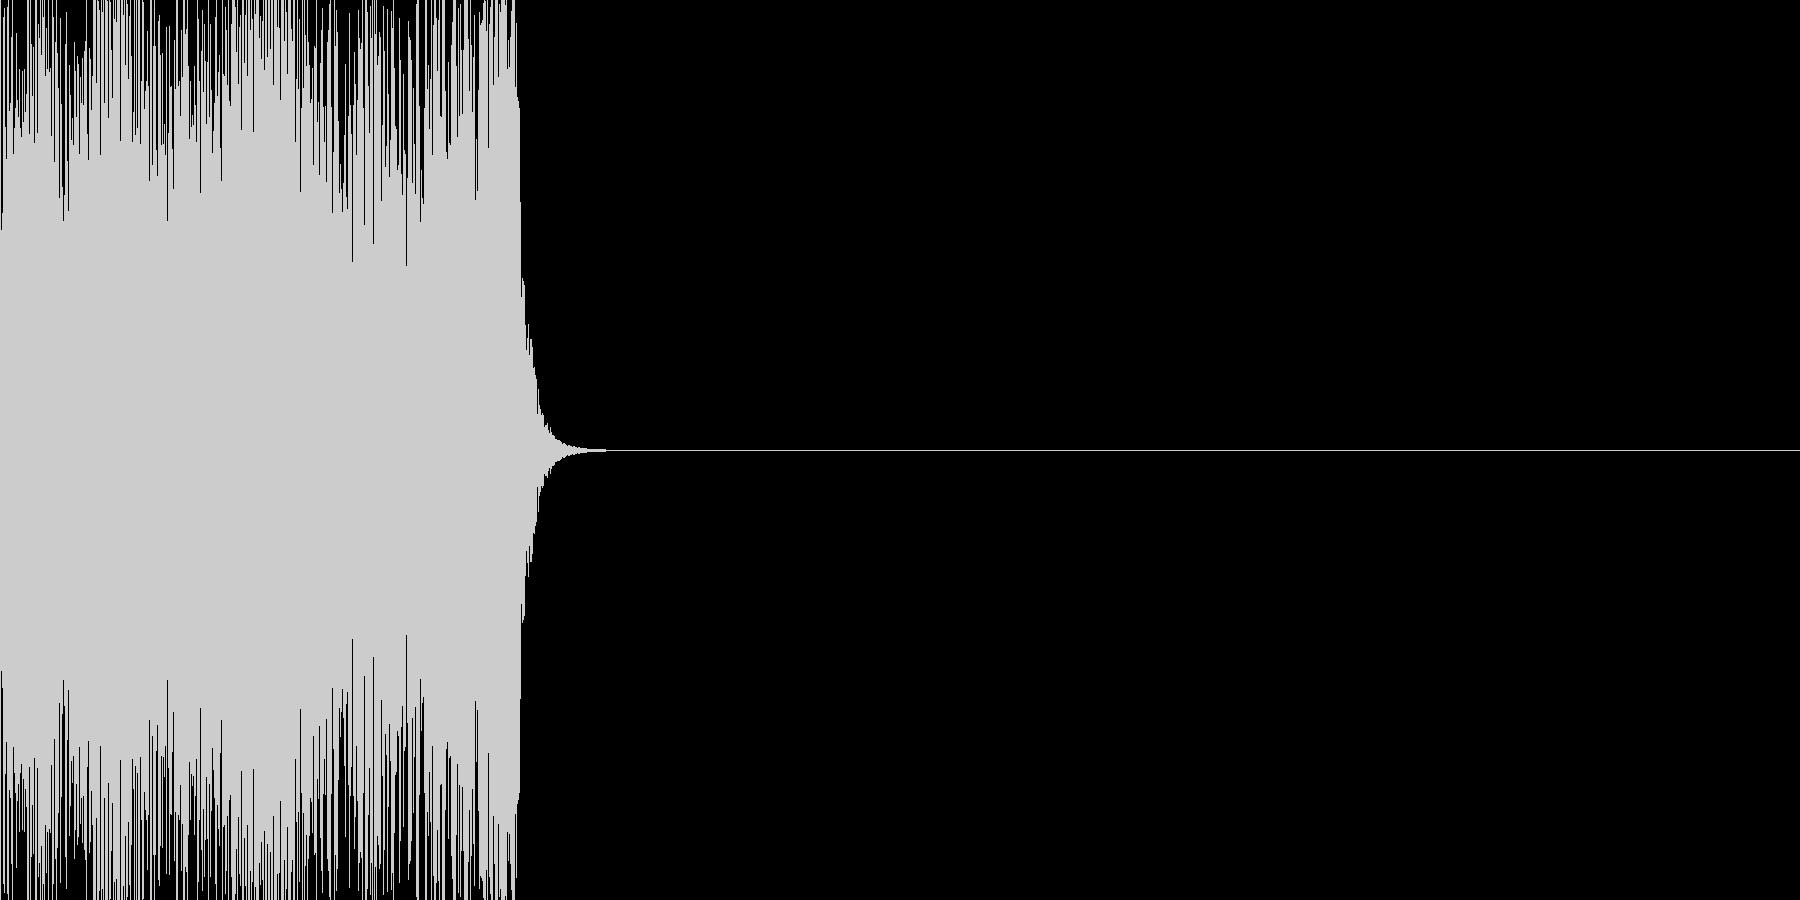 ノイズ(ギィィィ)の未再生の波形